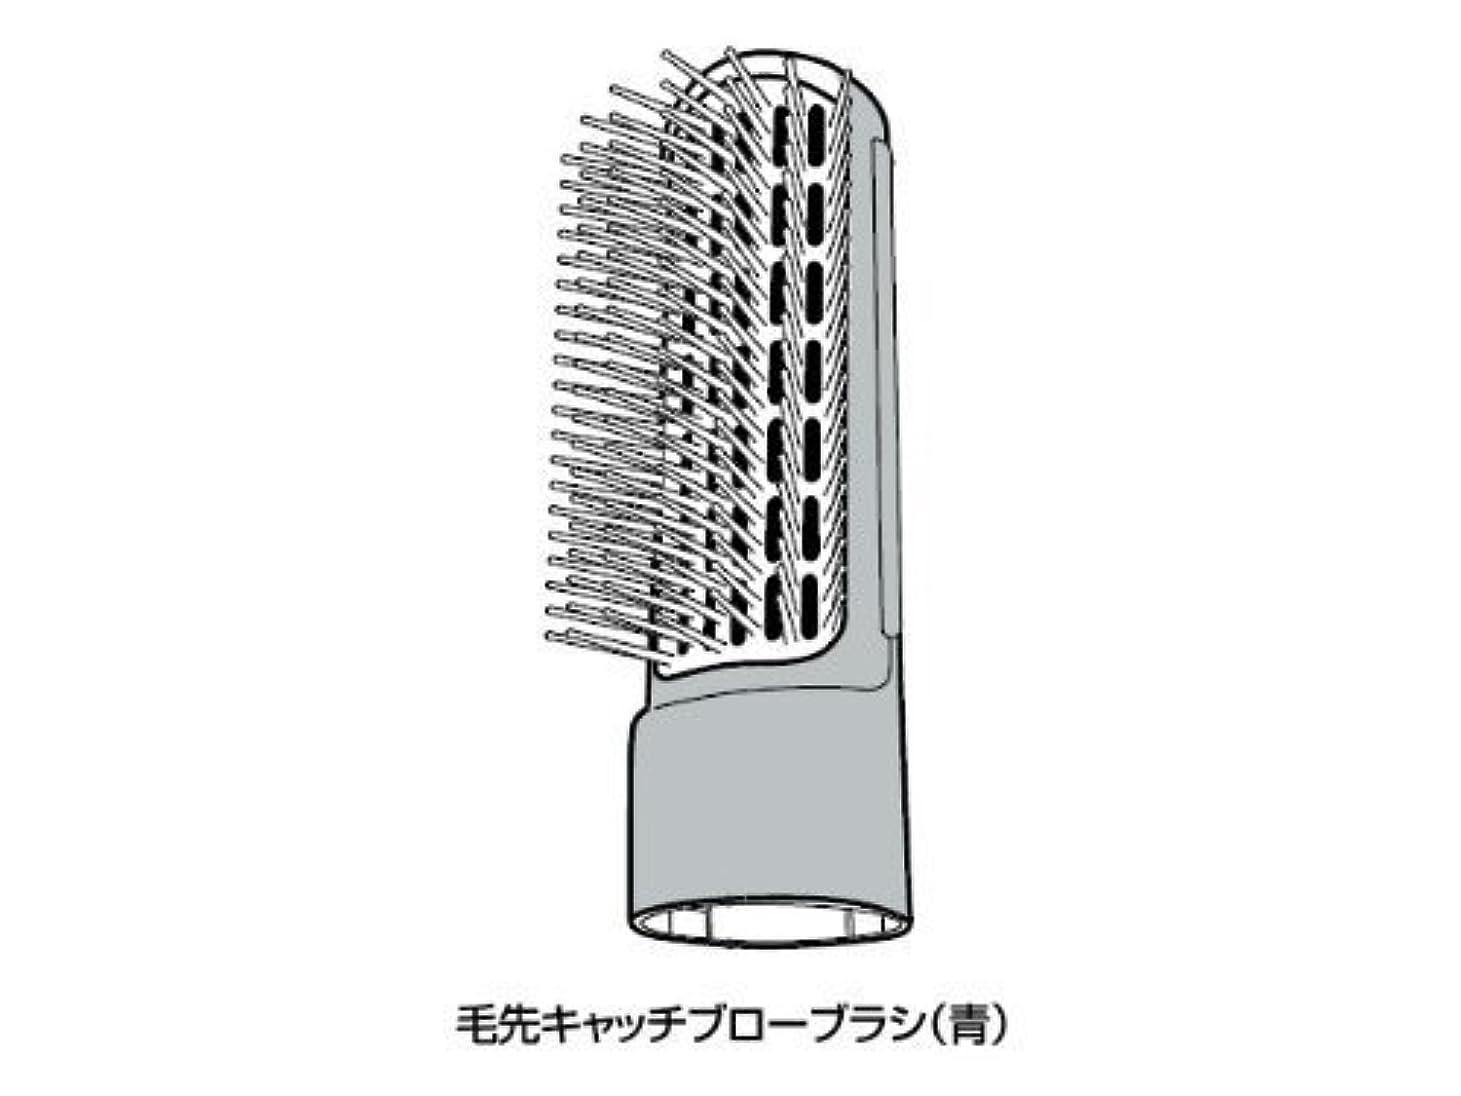 先に大砲退却Panasonic 毛先キャッチブローブラシ(青) EHKA10AH7617